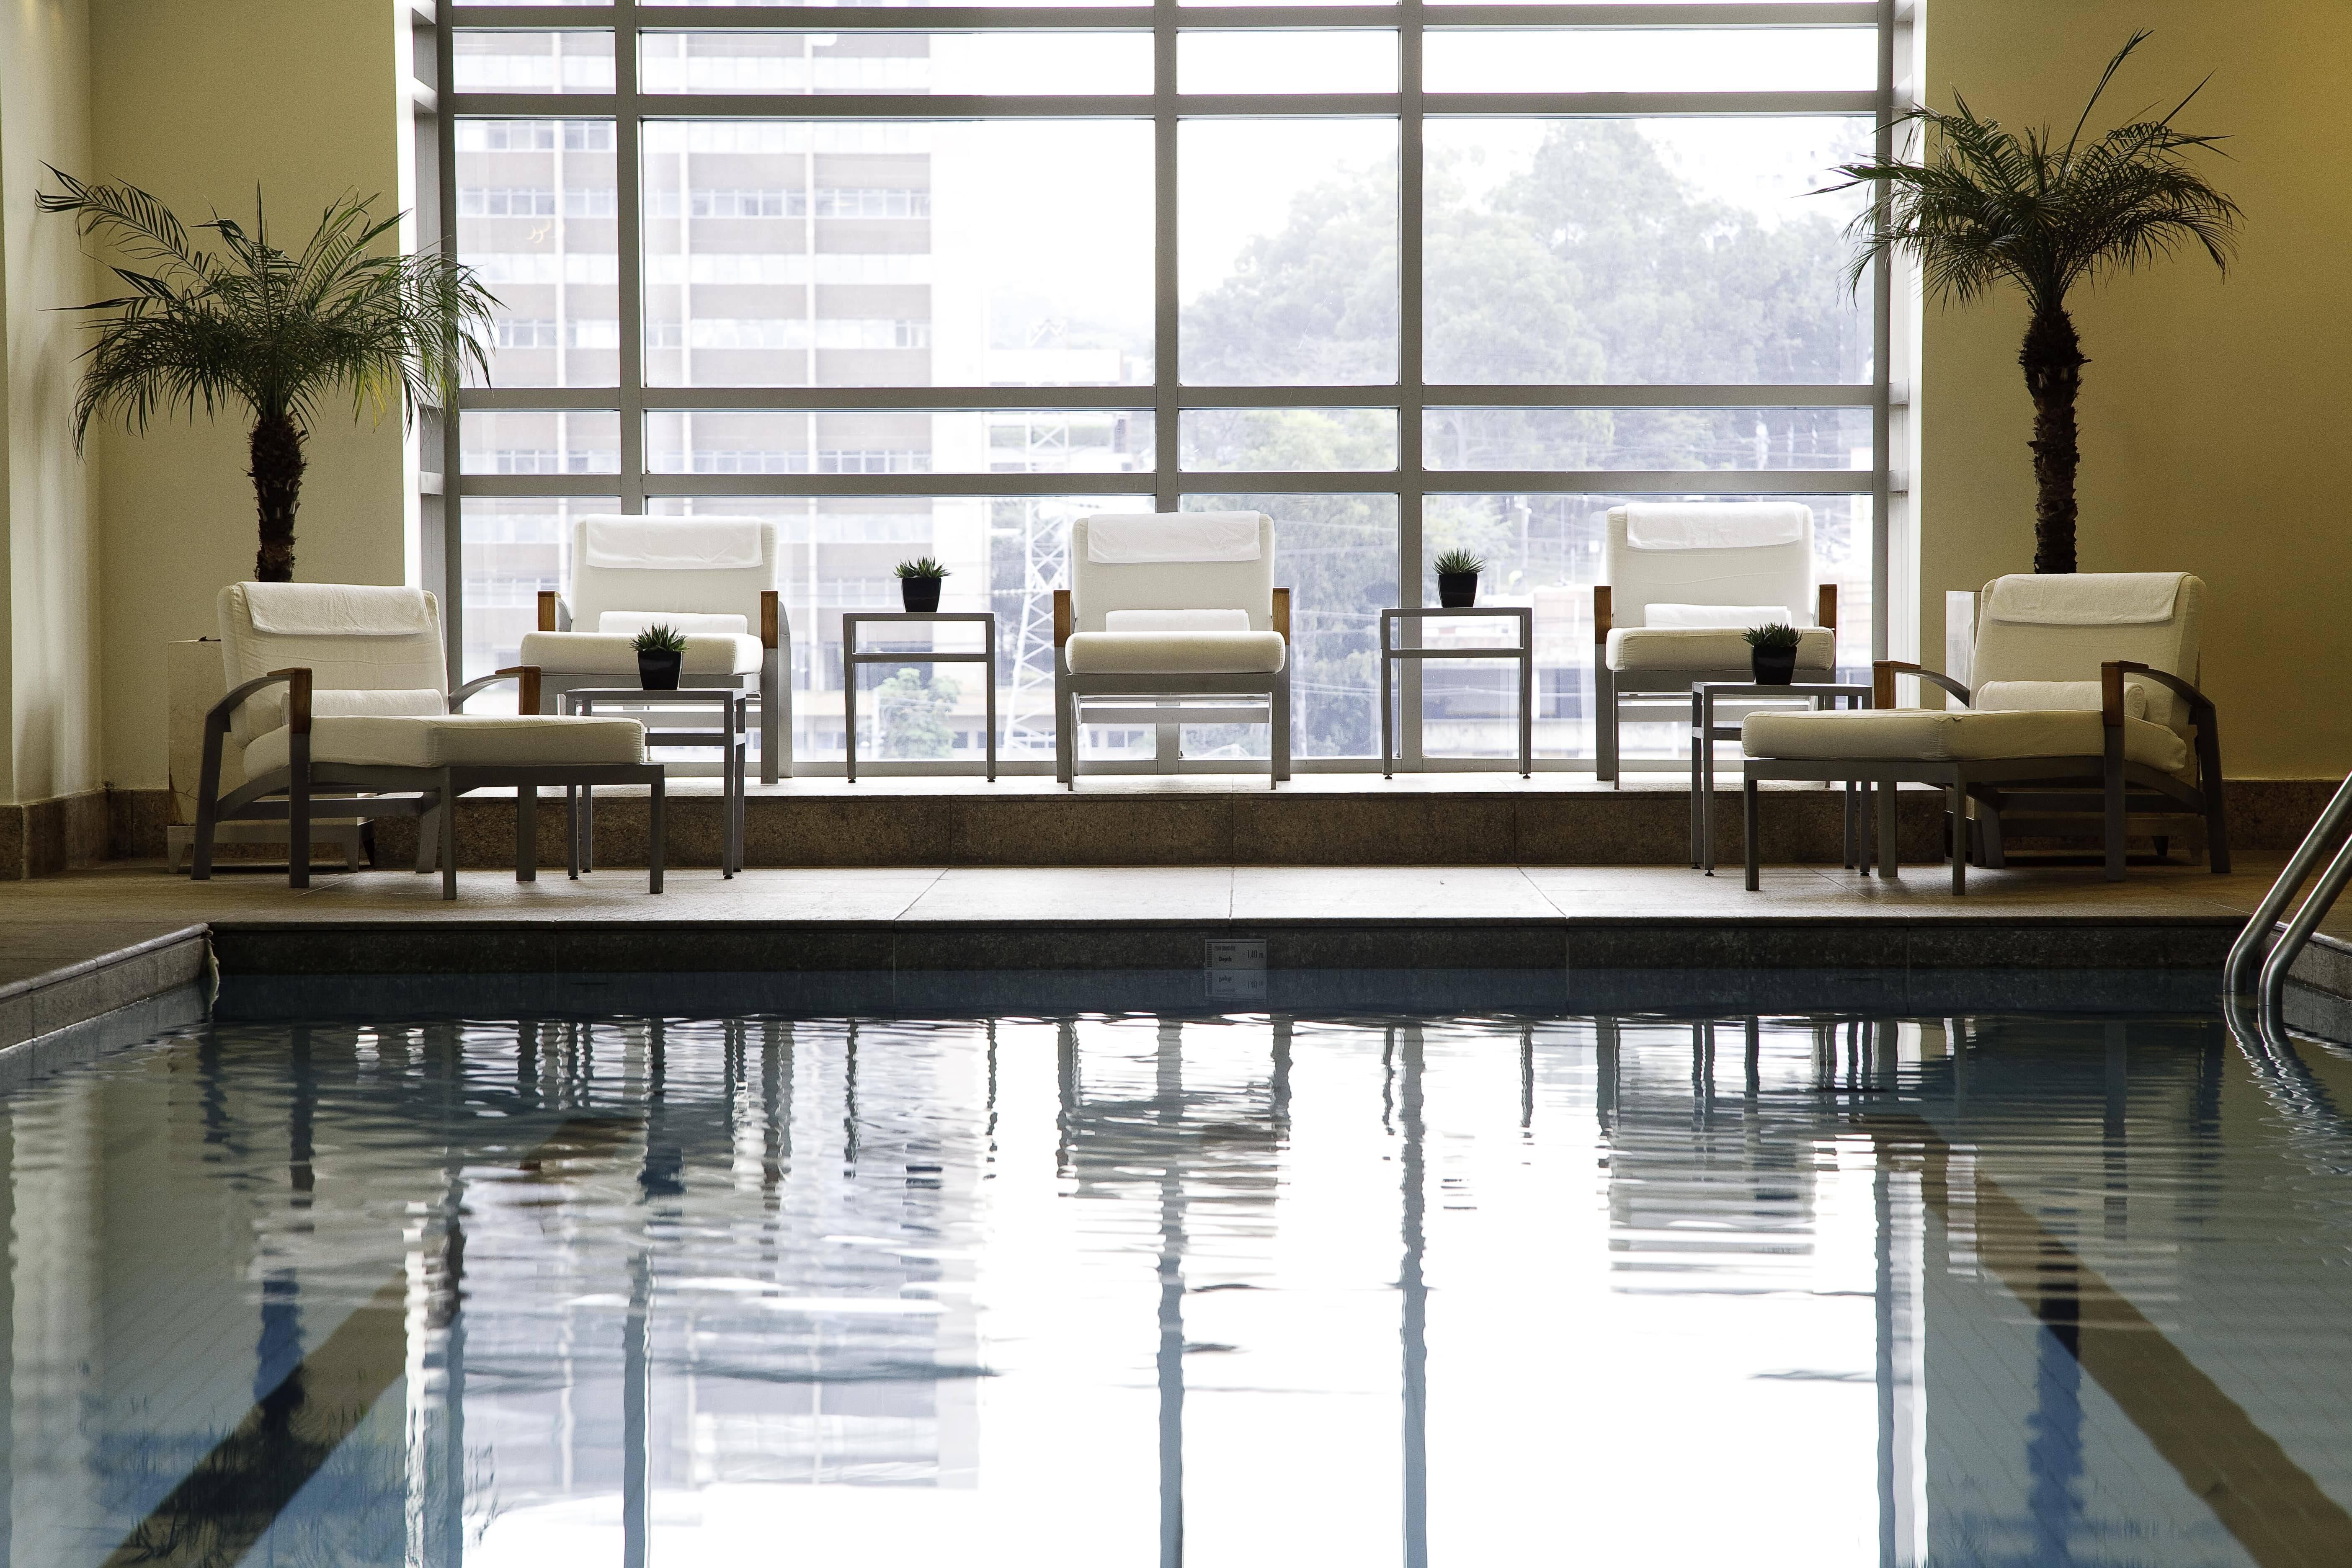 Piscina coberta e climatizada anexada ao Armany - Spa. Foto: Divulgação/Grand Hyatt Hotel SP